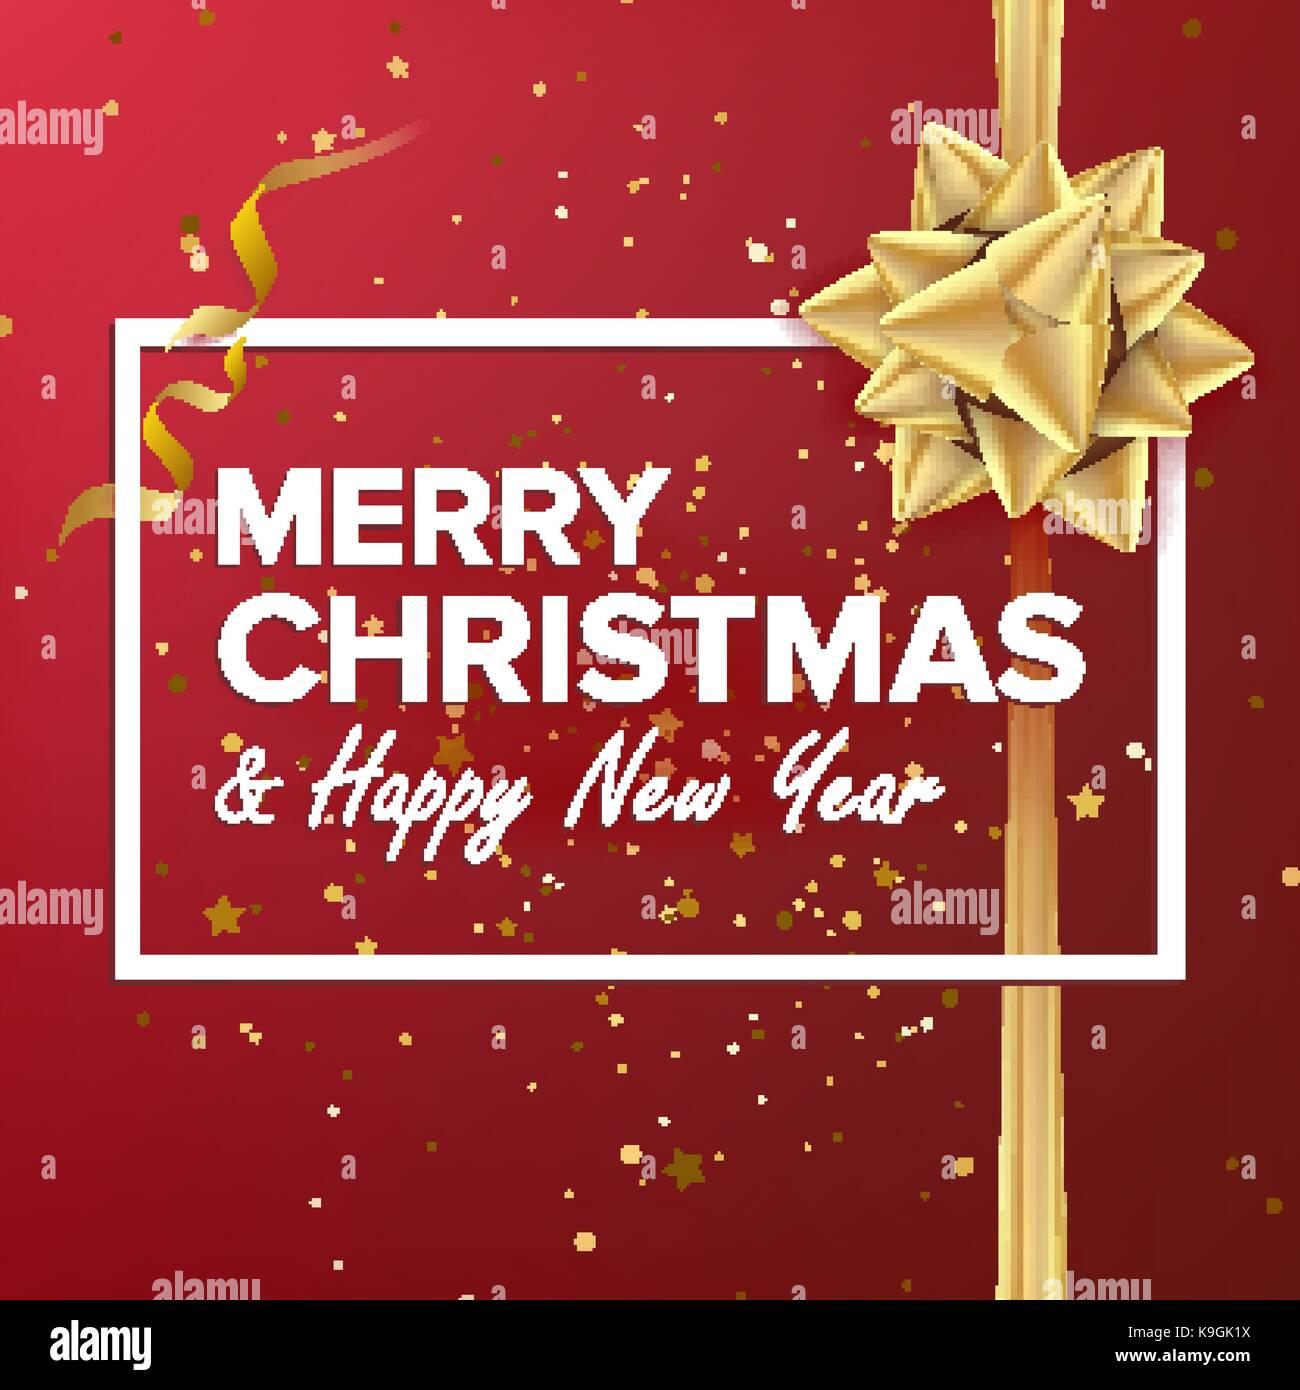 Merry Christmas Background Vektor. Schönen Luxus Urlaub Weihnachten ...